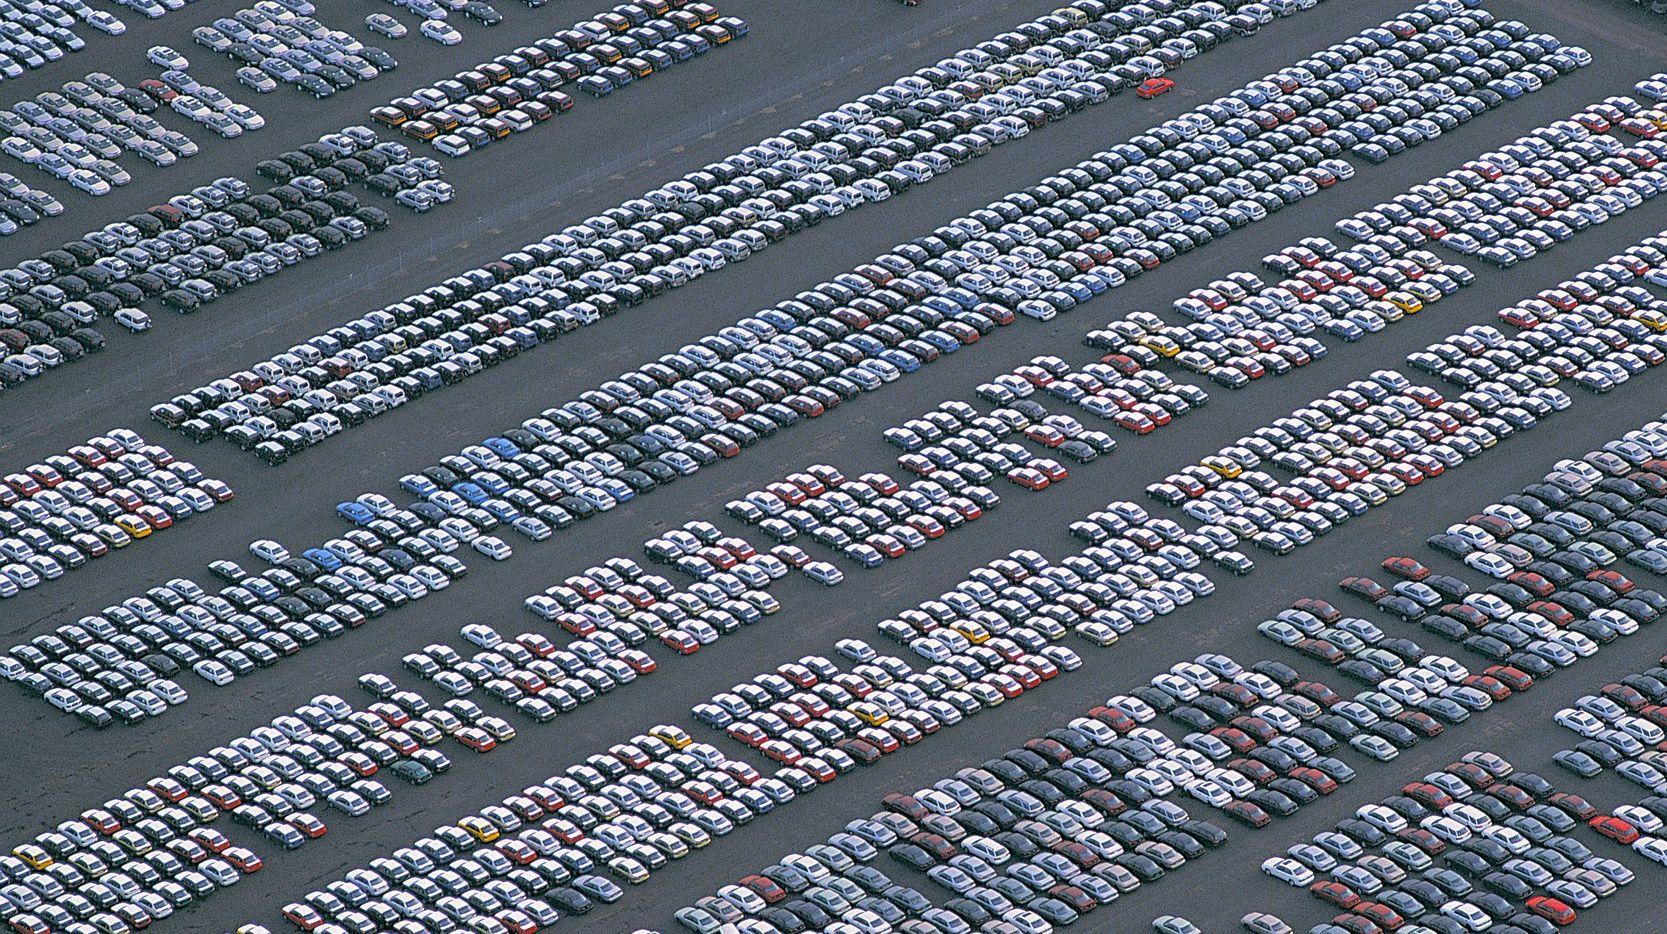 Rast prodaje novih automobila u ožujku preko 50 %, no riječ je o umjetnom rastu